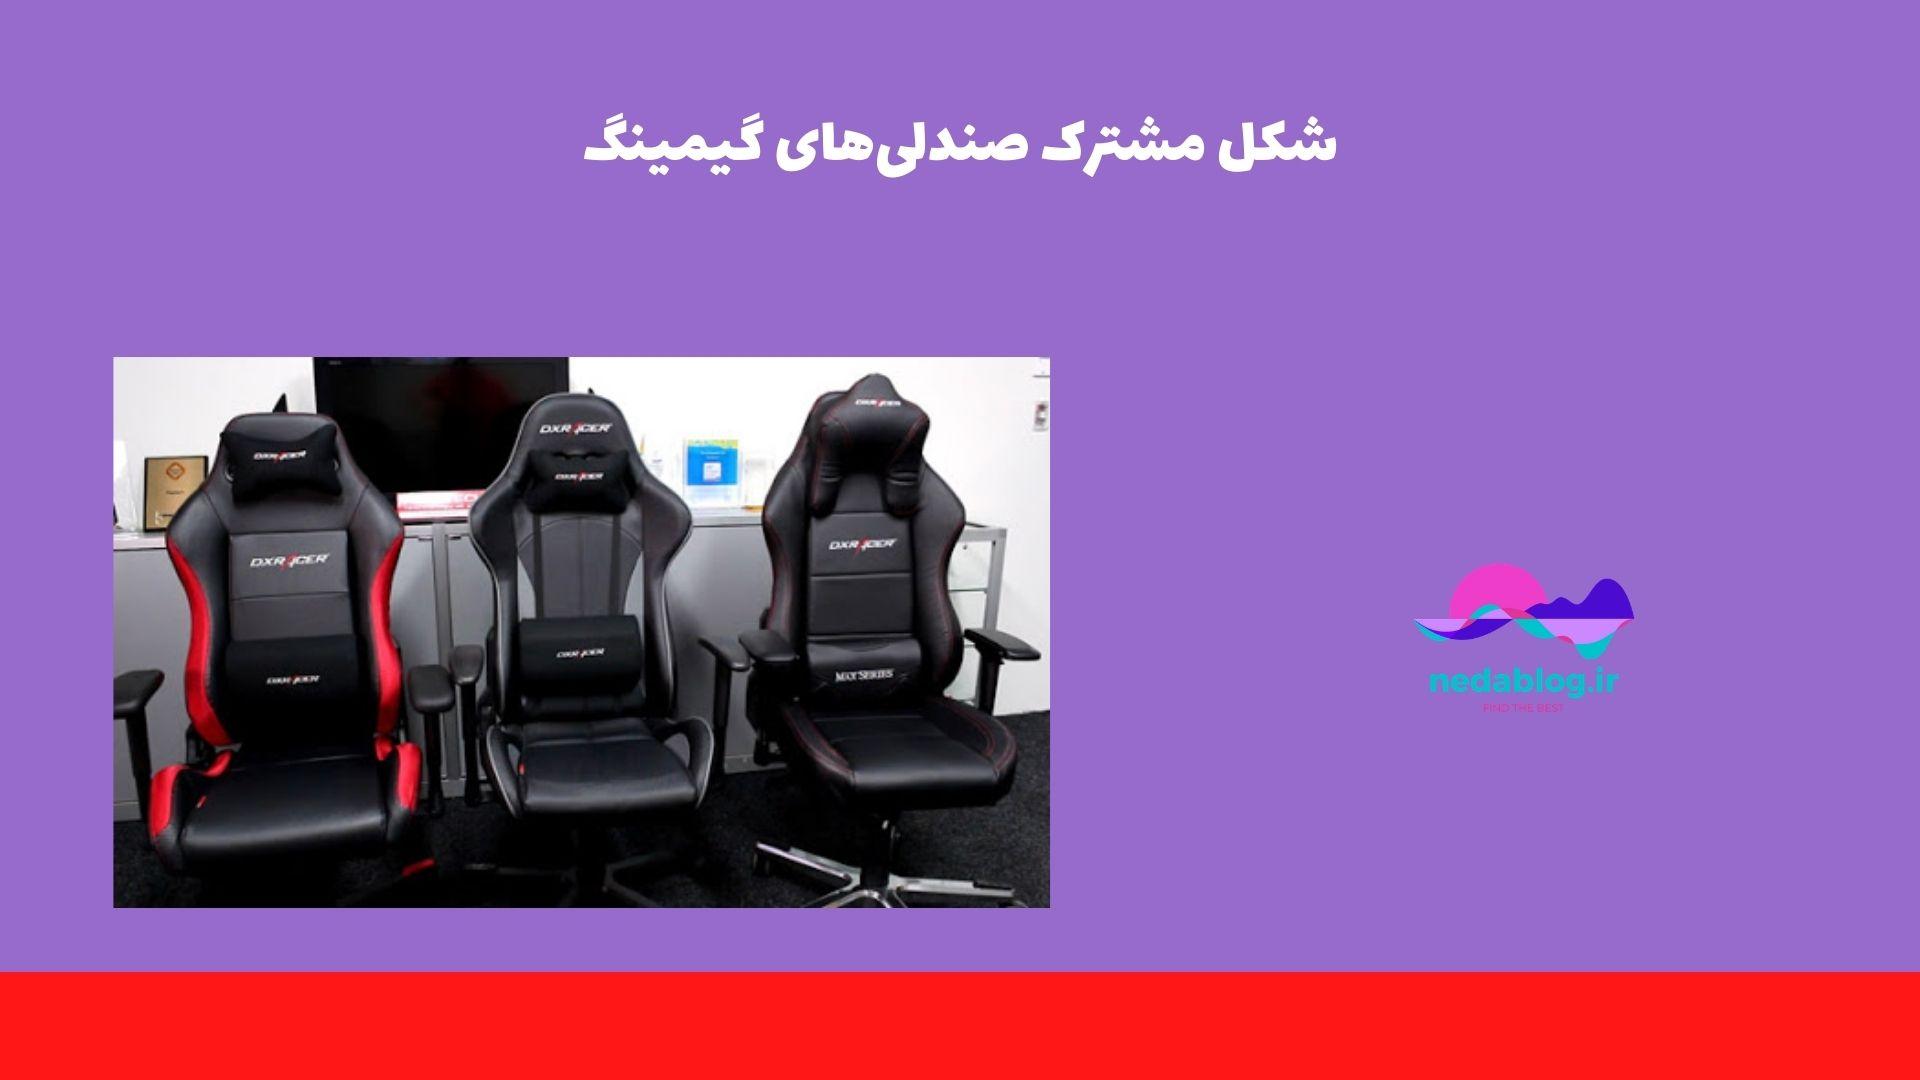 شکل مشترک صندلیهای گیمینگ